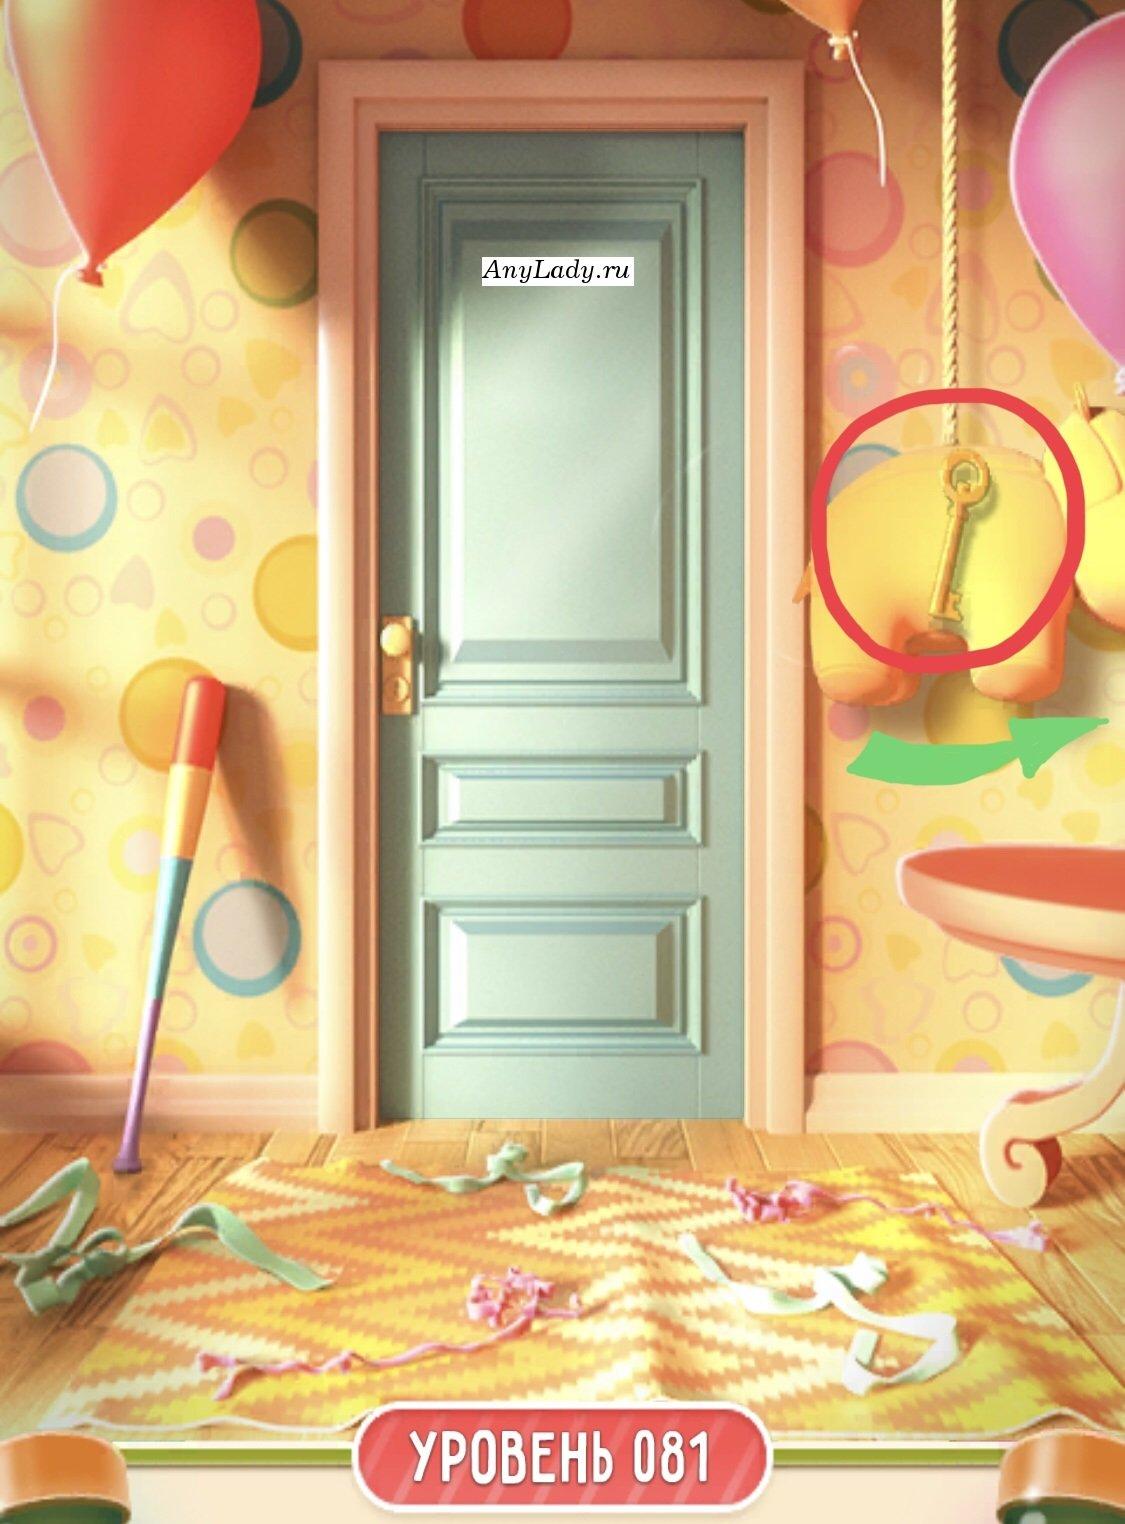 Насыщенная комната шарами и праздничным настроением. У стены стоит бита и бегемот которого так и хочется ударить, чтобы из него посыпались конфеты и ключ.